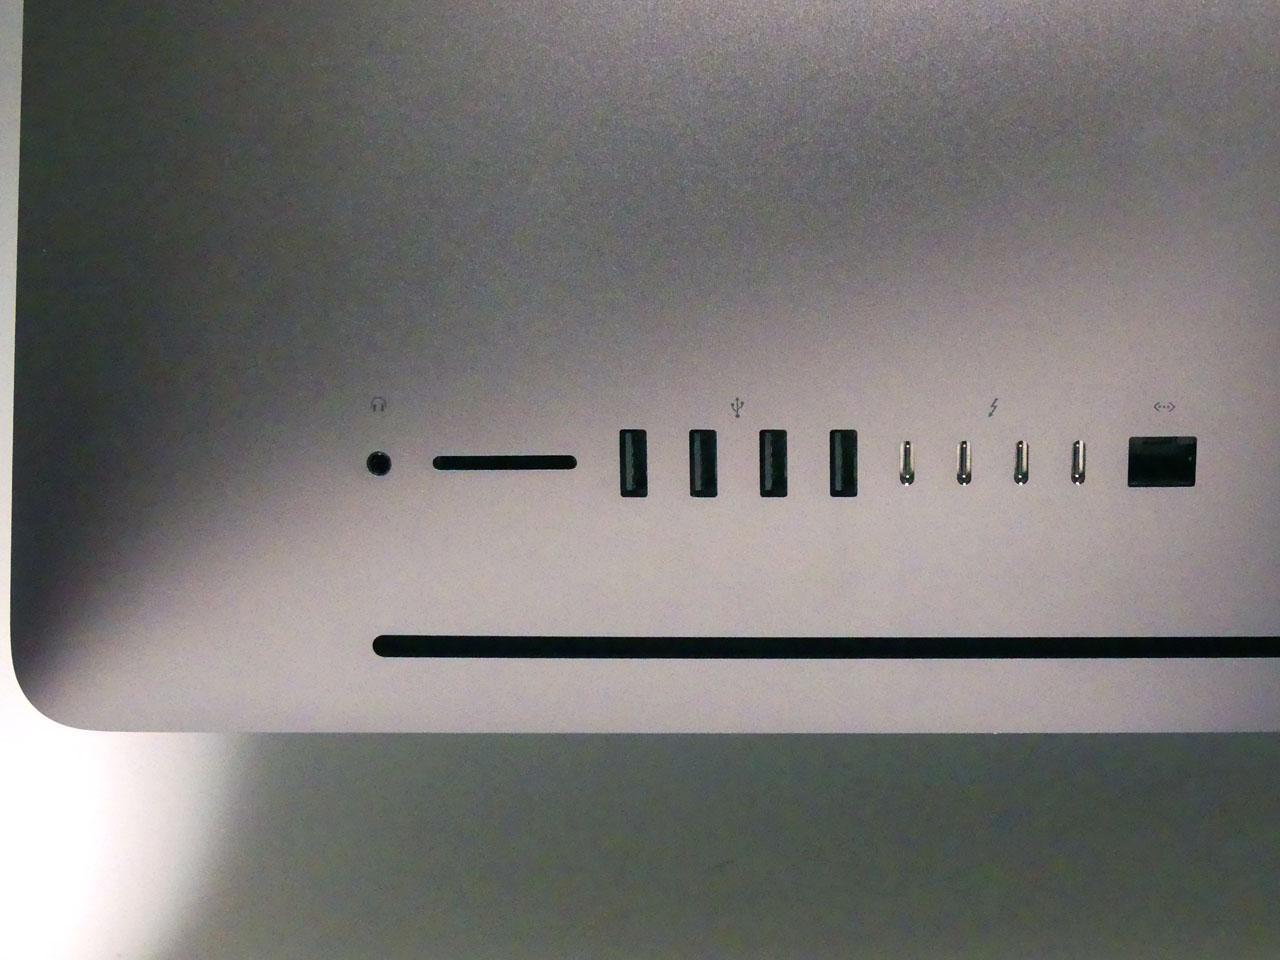 背面のLANポートが10GbE対応の10GBASE-Tとなっている